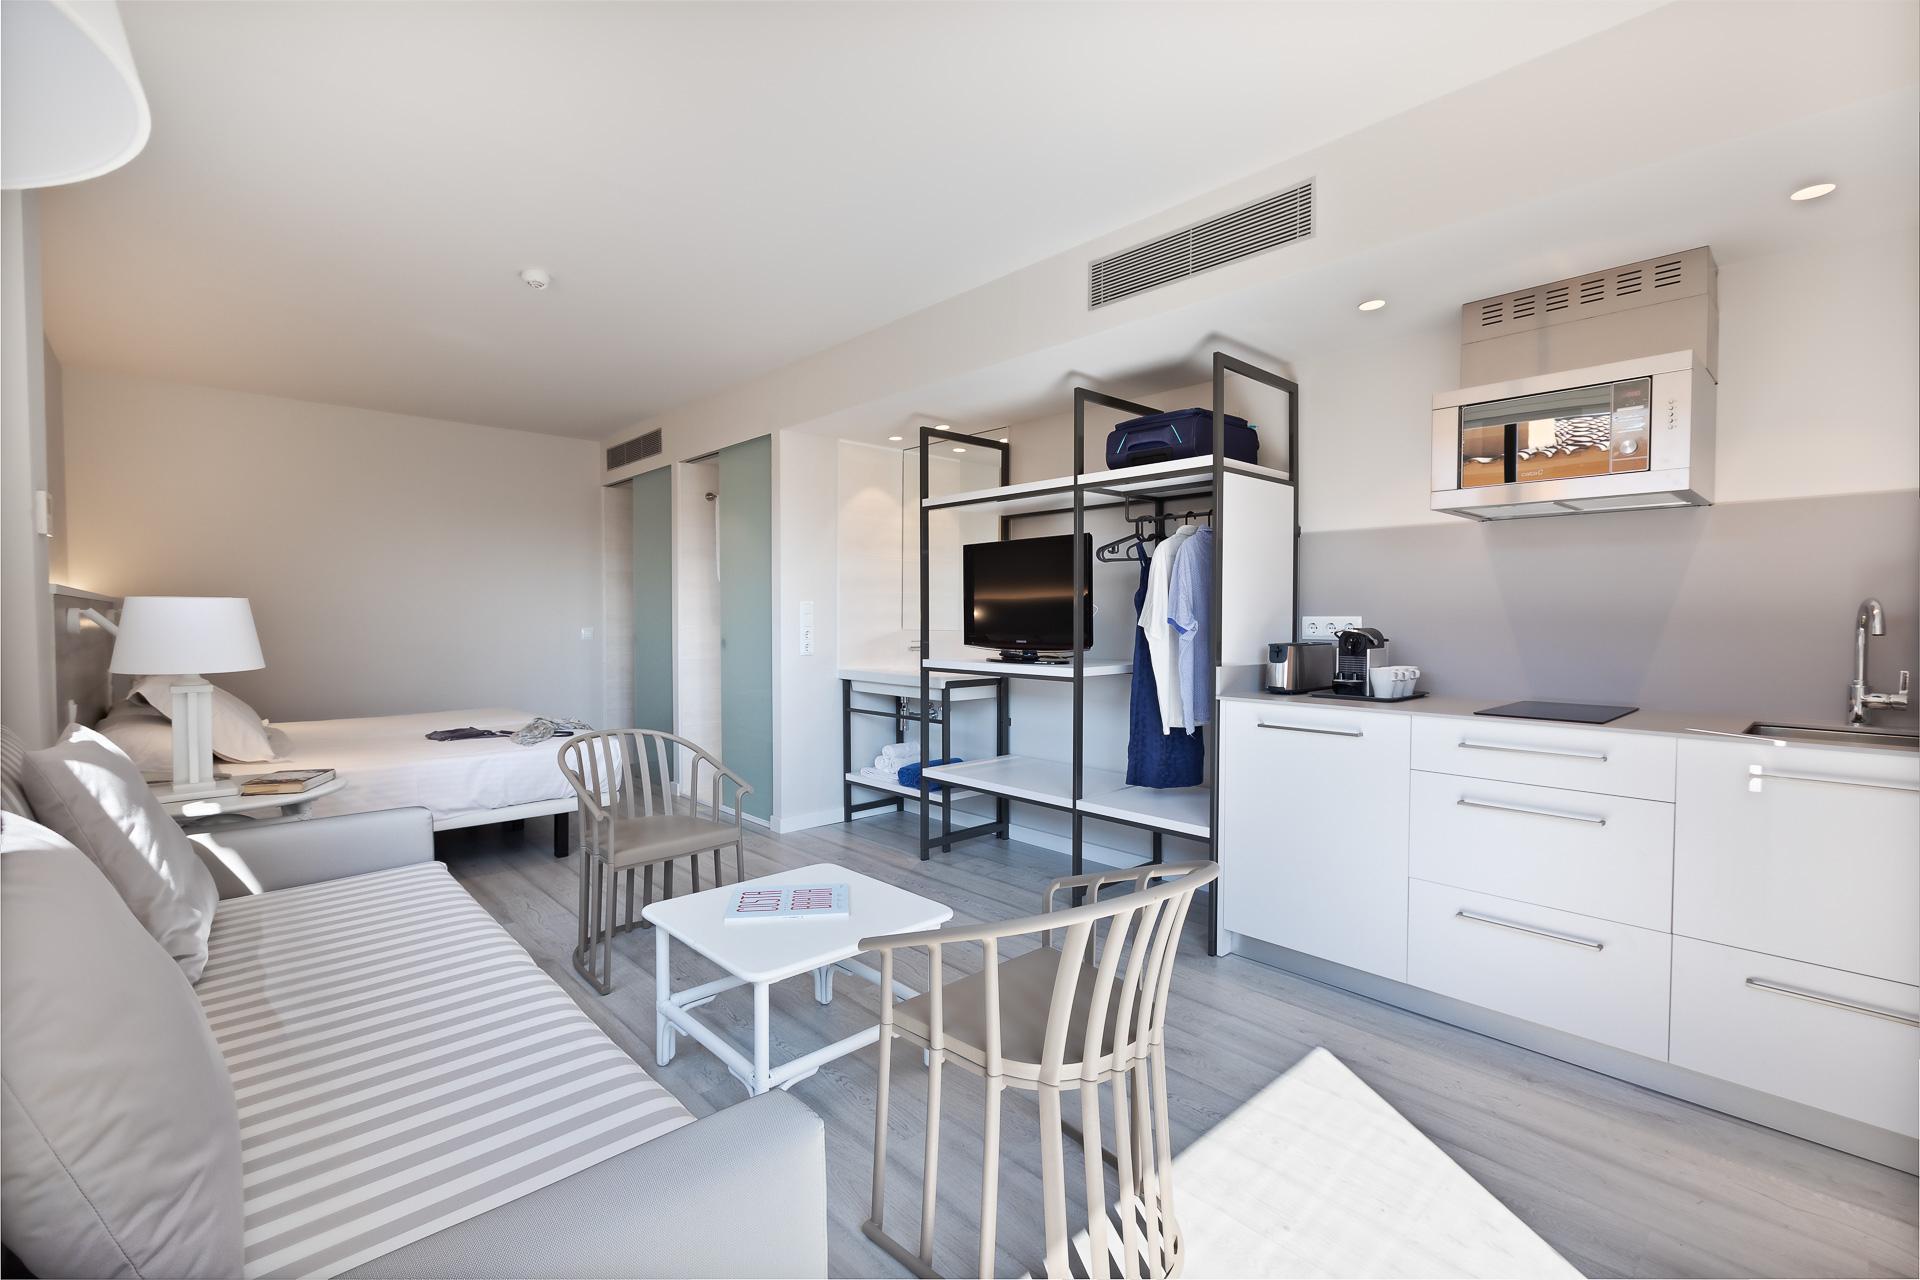 Bungalow À Pals, Costa Brava, Espagne | Apartaments Golf pour Bungalow De Jardin Design